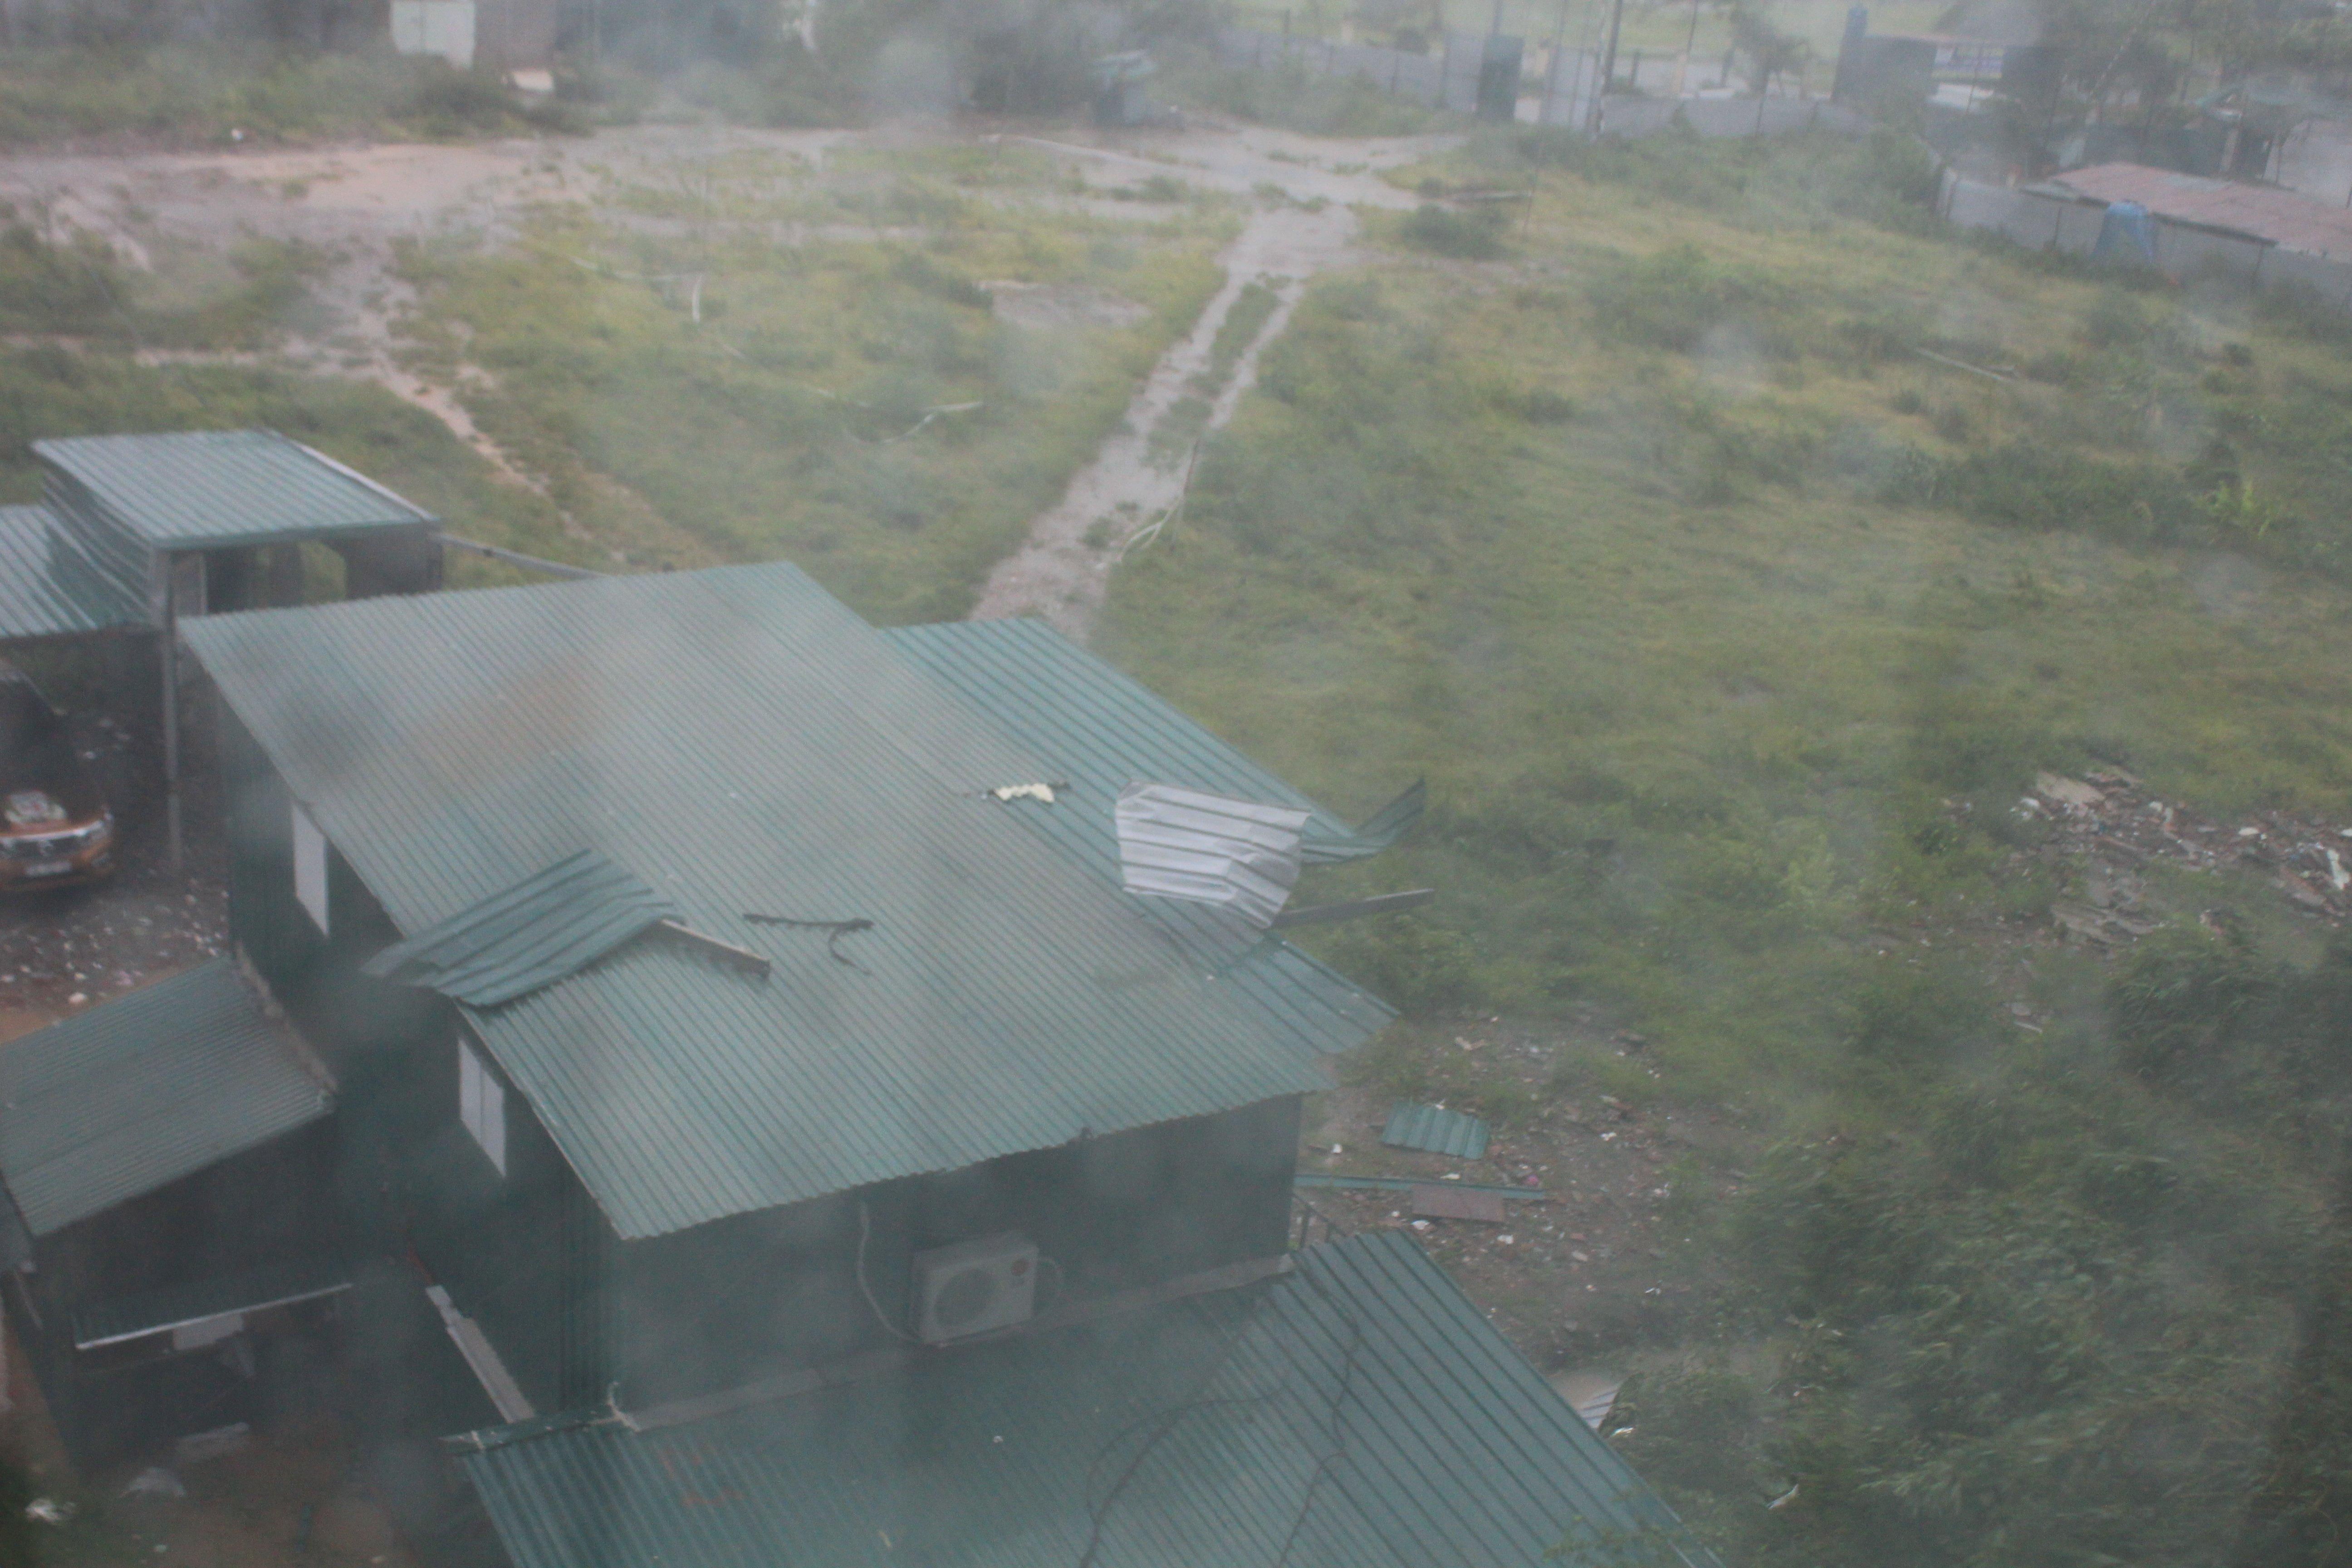 Bão số 1 ảnh trực tiếp tới Hà Nội gây mưa lớn và dông 1